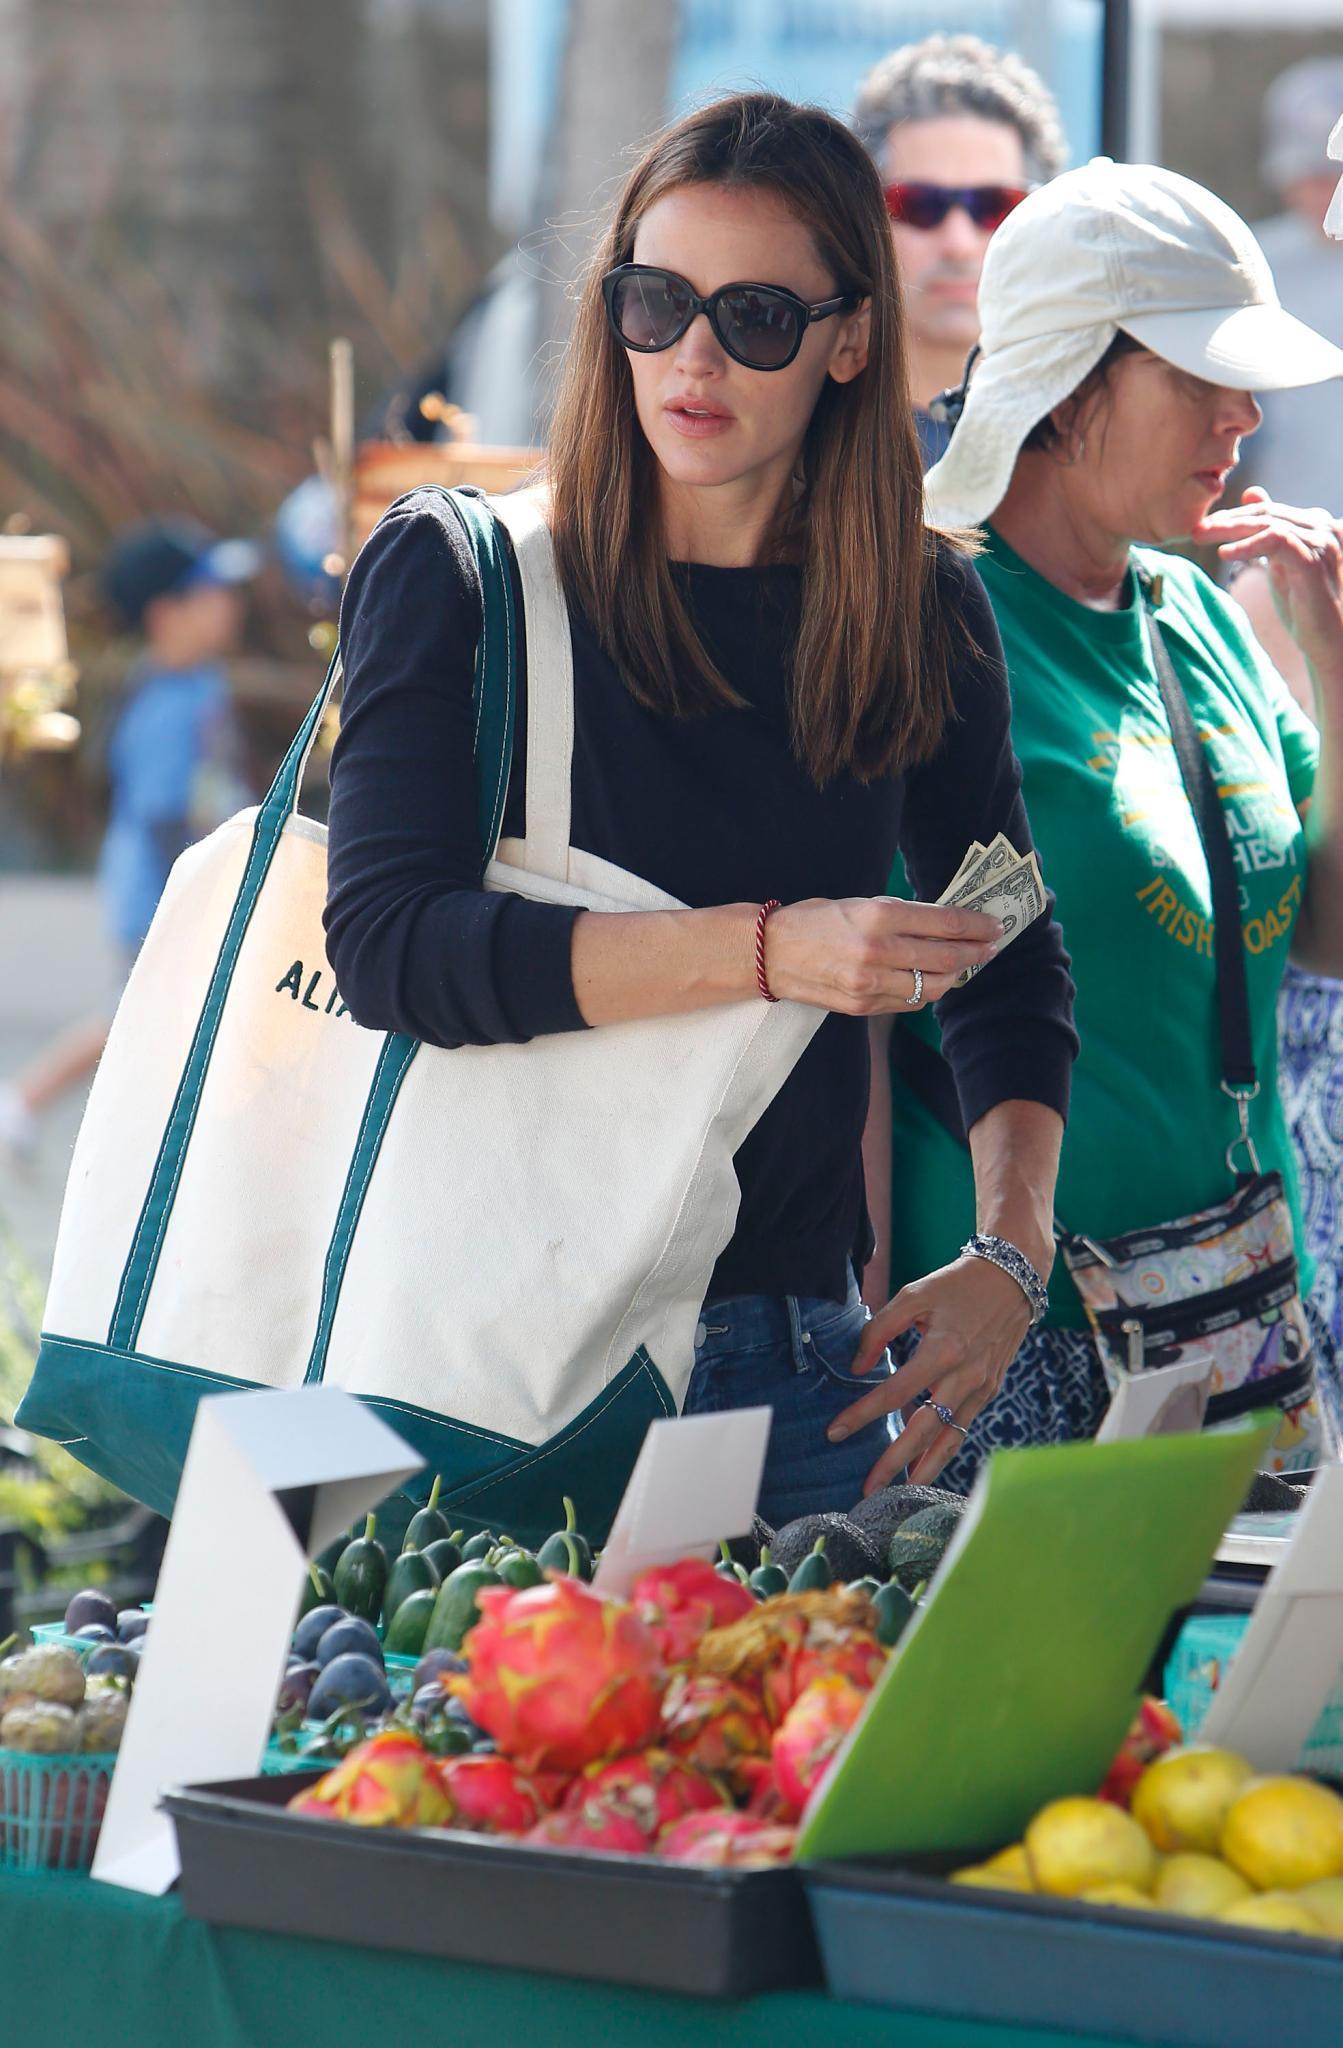 Jennifer Garner, 42, beherzigt den Clean-Eating-Trend und kauft lieber Frisches statt Abgepacktes.